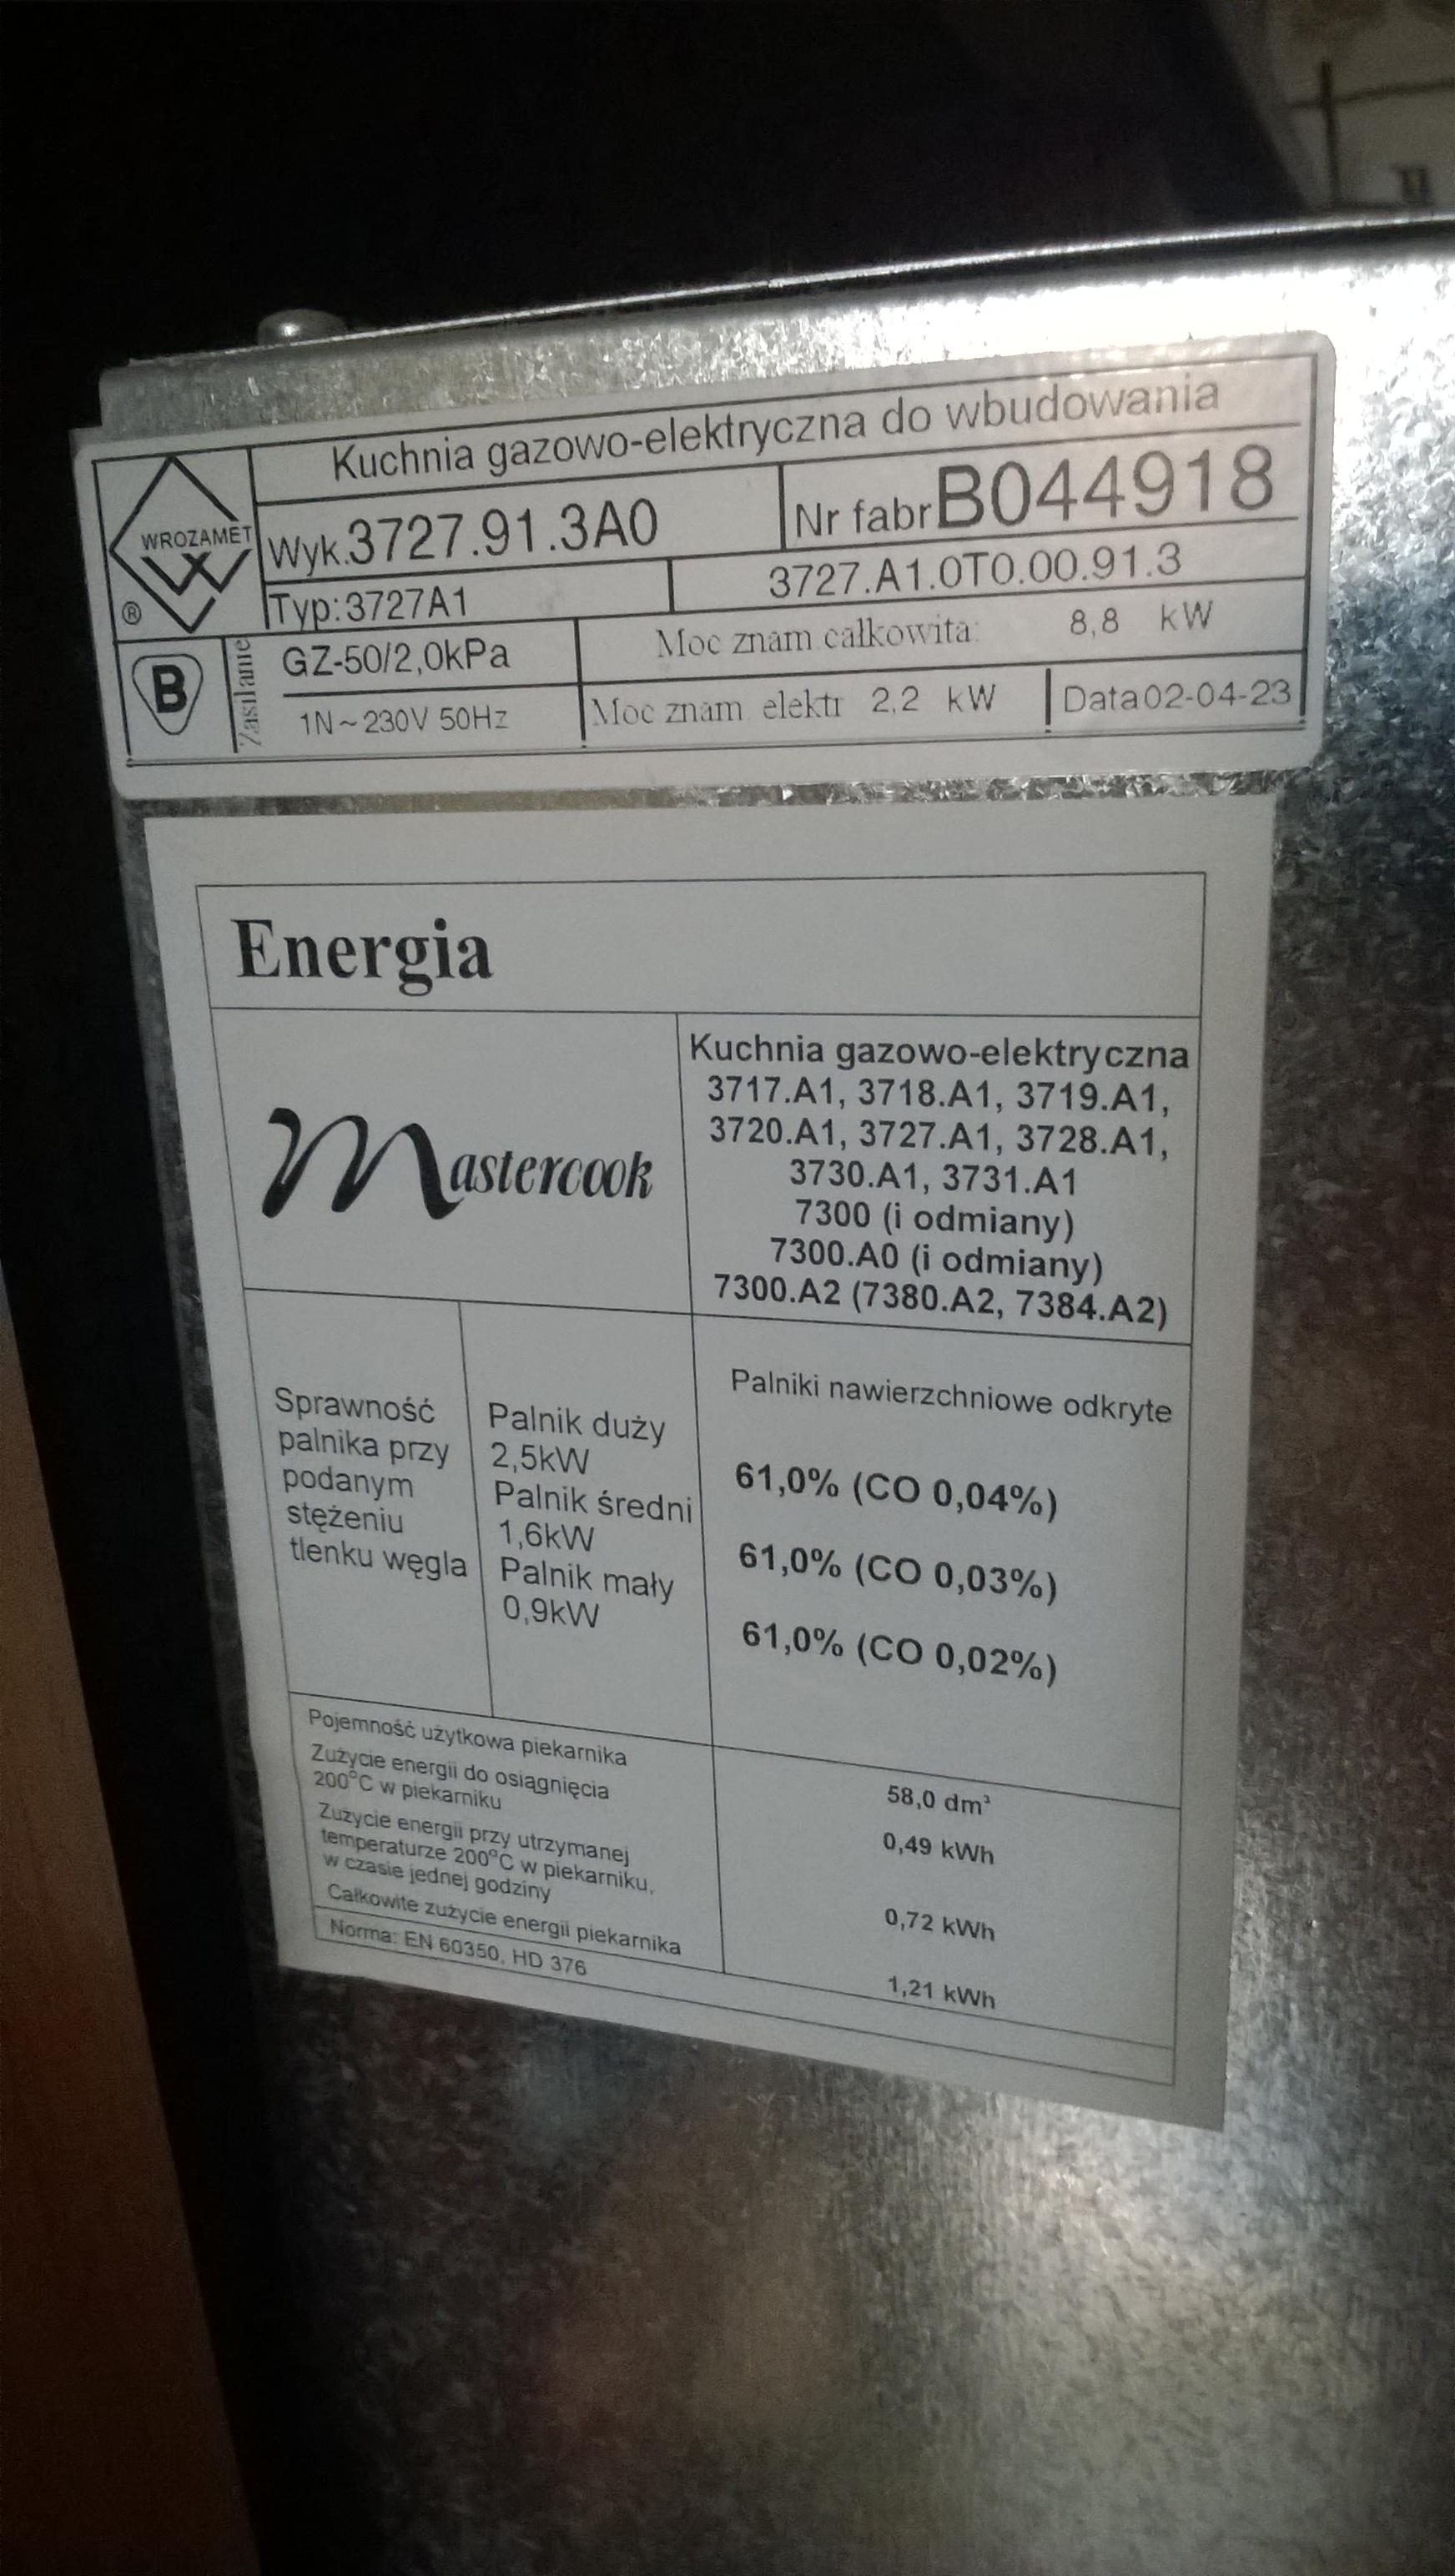 [Kupi�] Szukam szyby zewn�trznej do Mastercook Elegance 3727.91.3A0